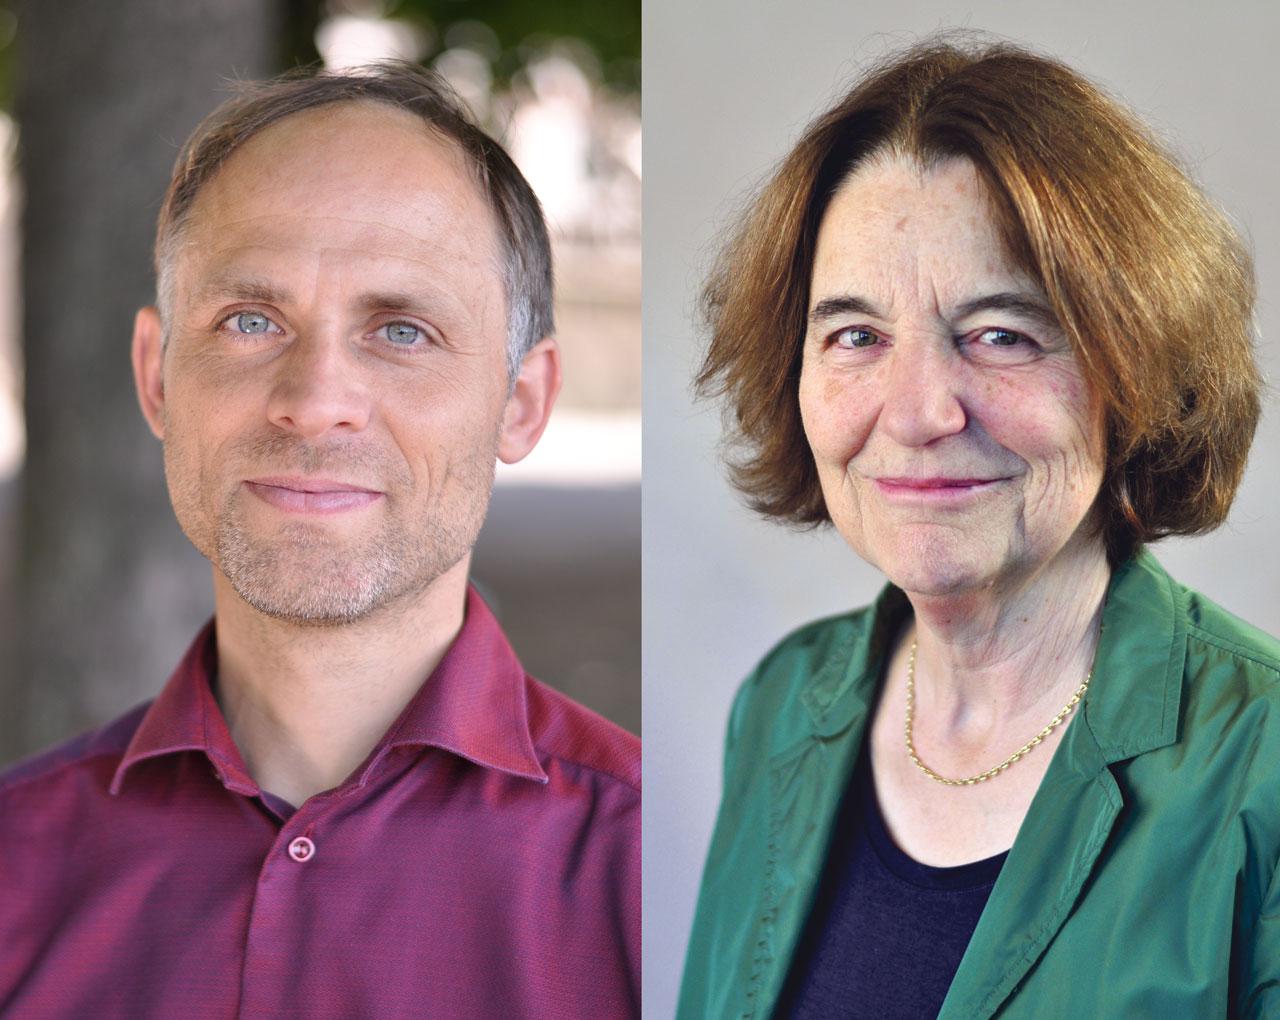 Pierre Bayenet et Brigitte Studer, têtes de liste de Ensemble à Gauche en ville de Genève